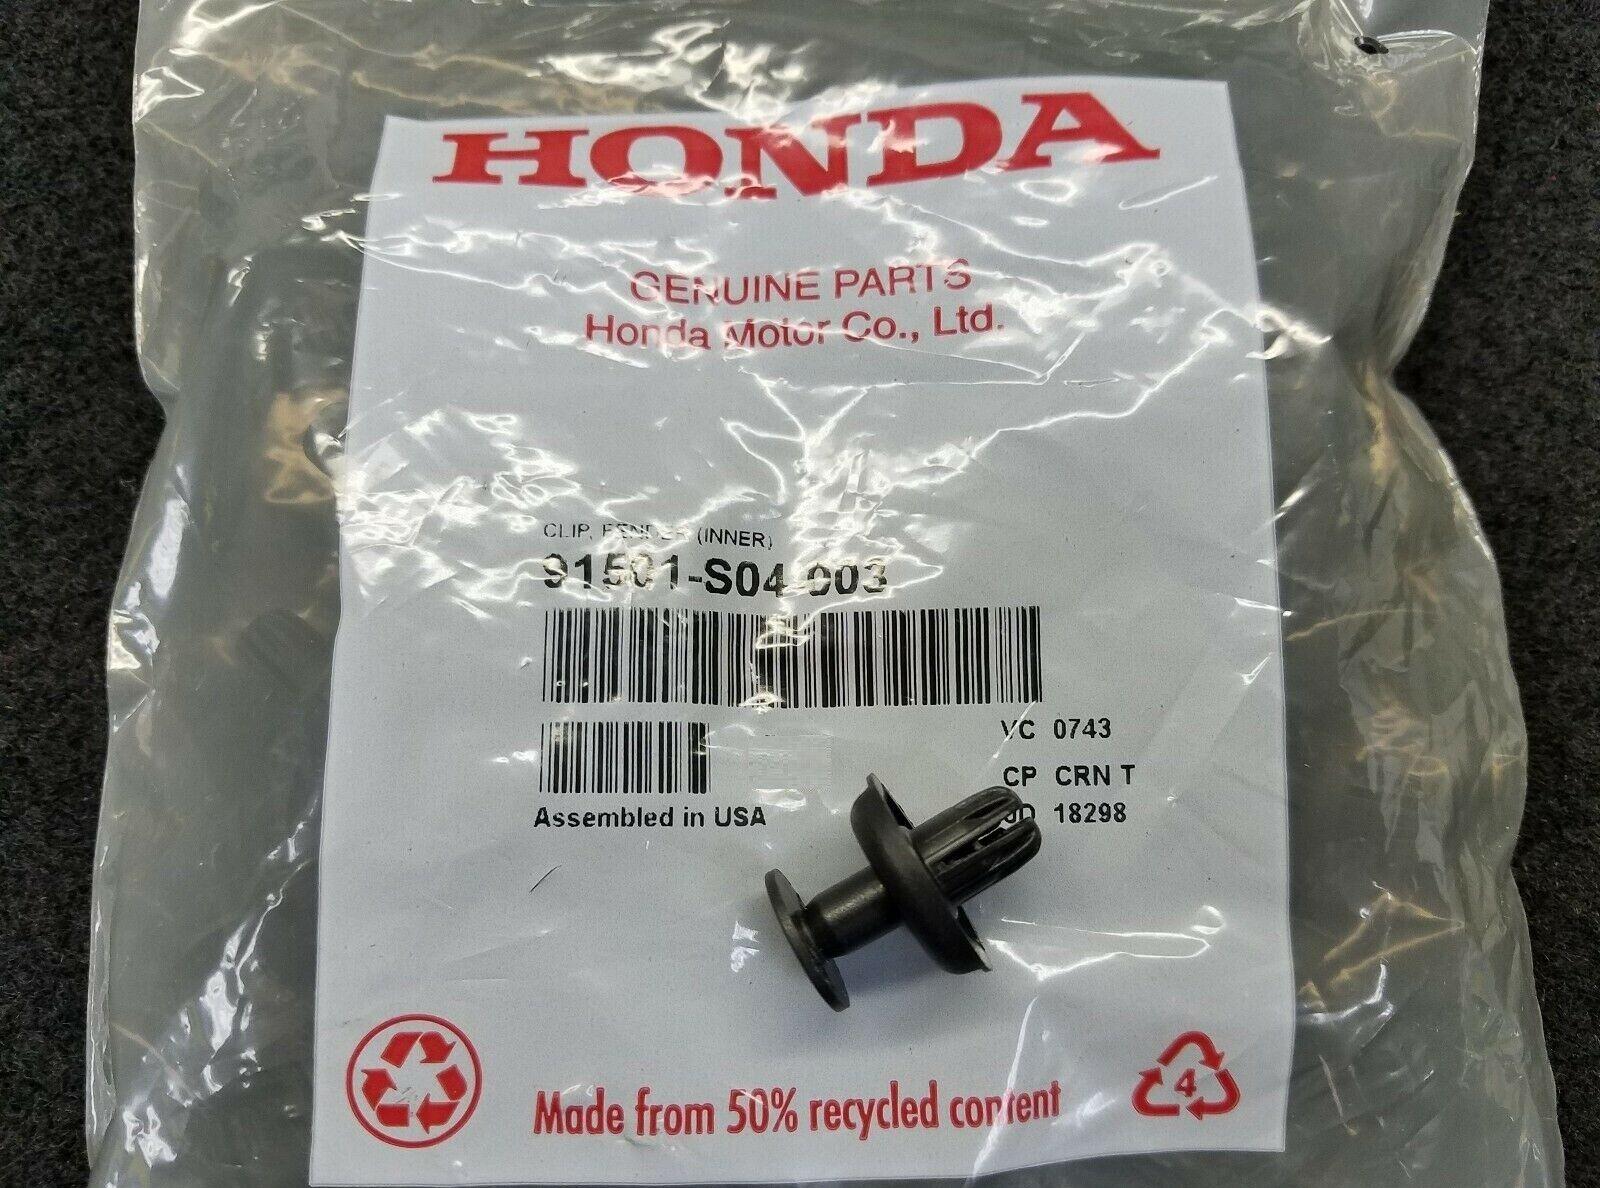 INNER Genuine Honda 91501-S04-003 CLIP FENDER